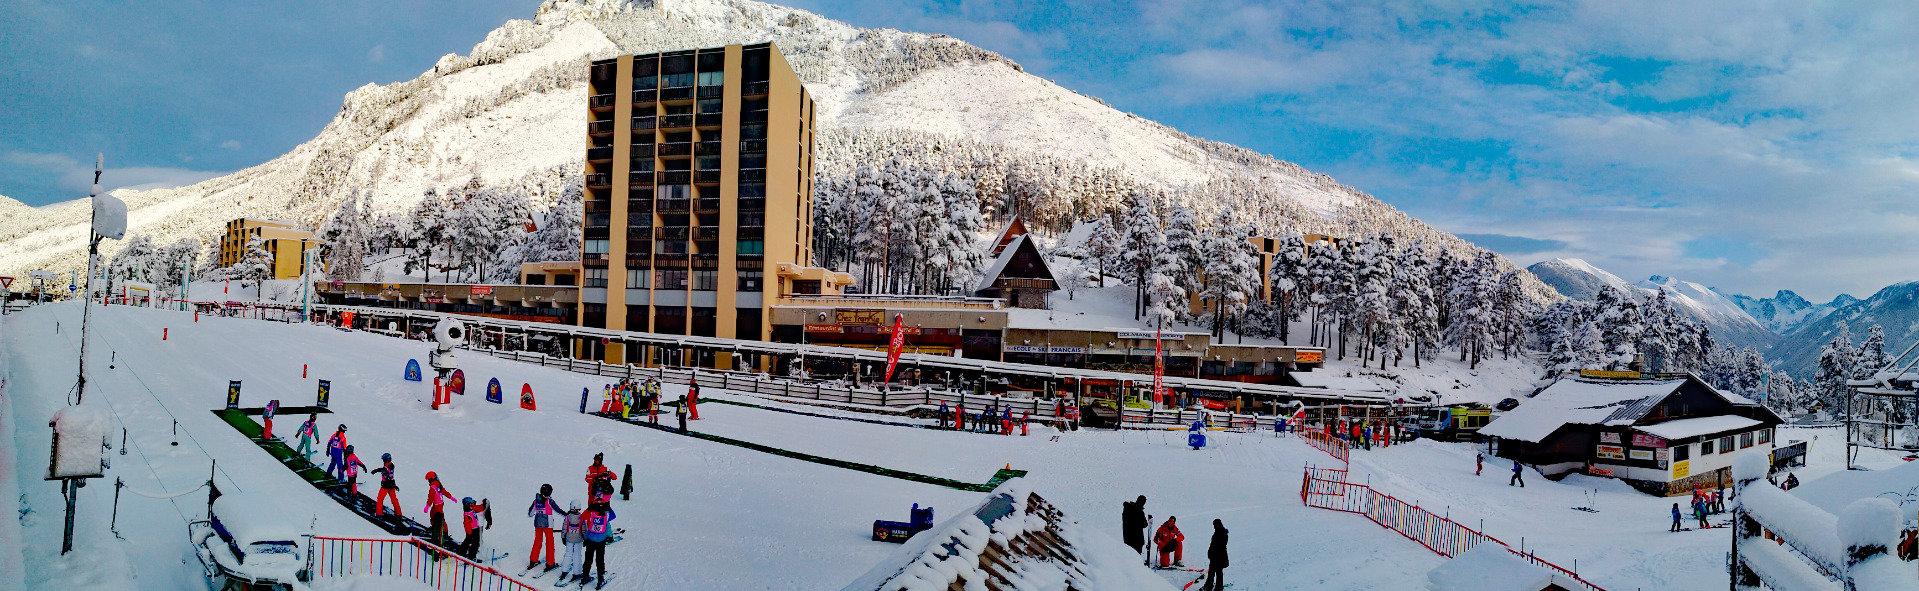 Le front de neige de La Colmiane - © Station de ski de la Colmiane